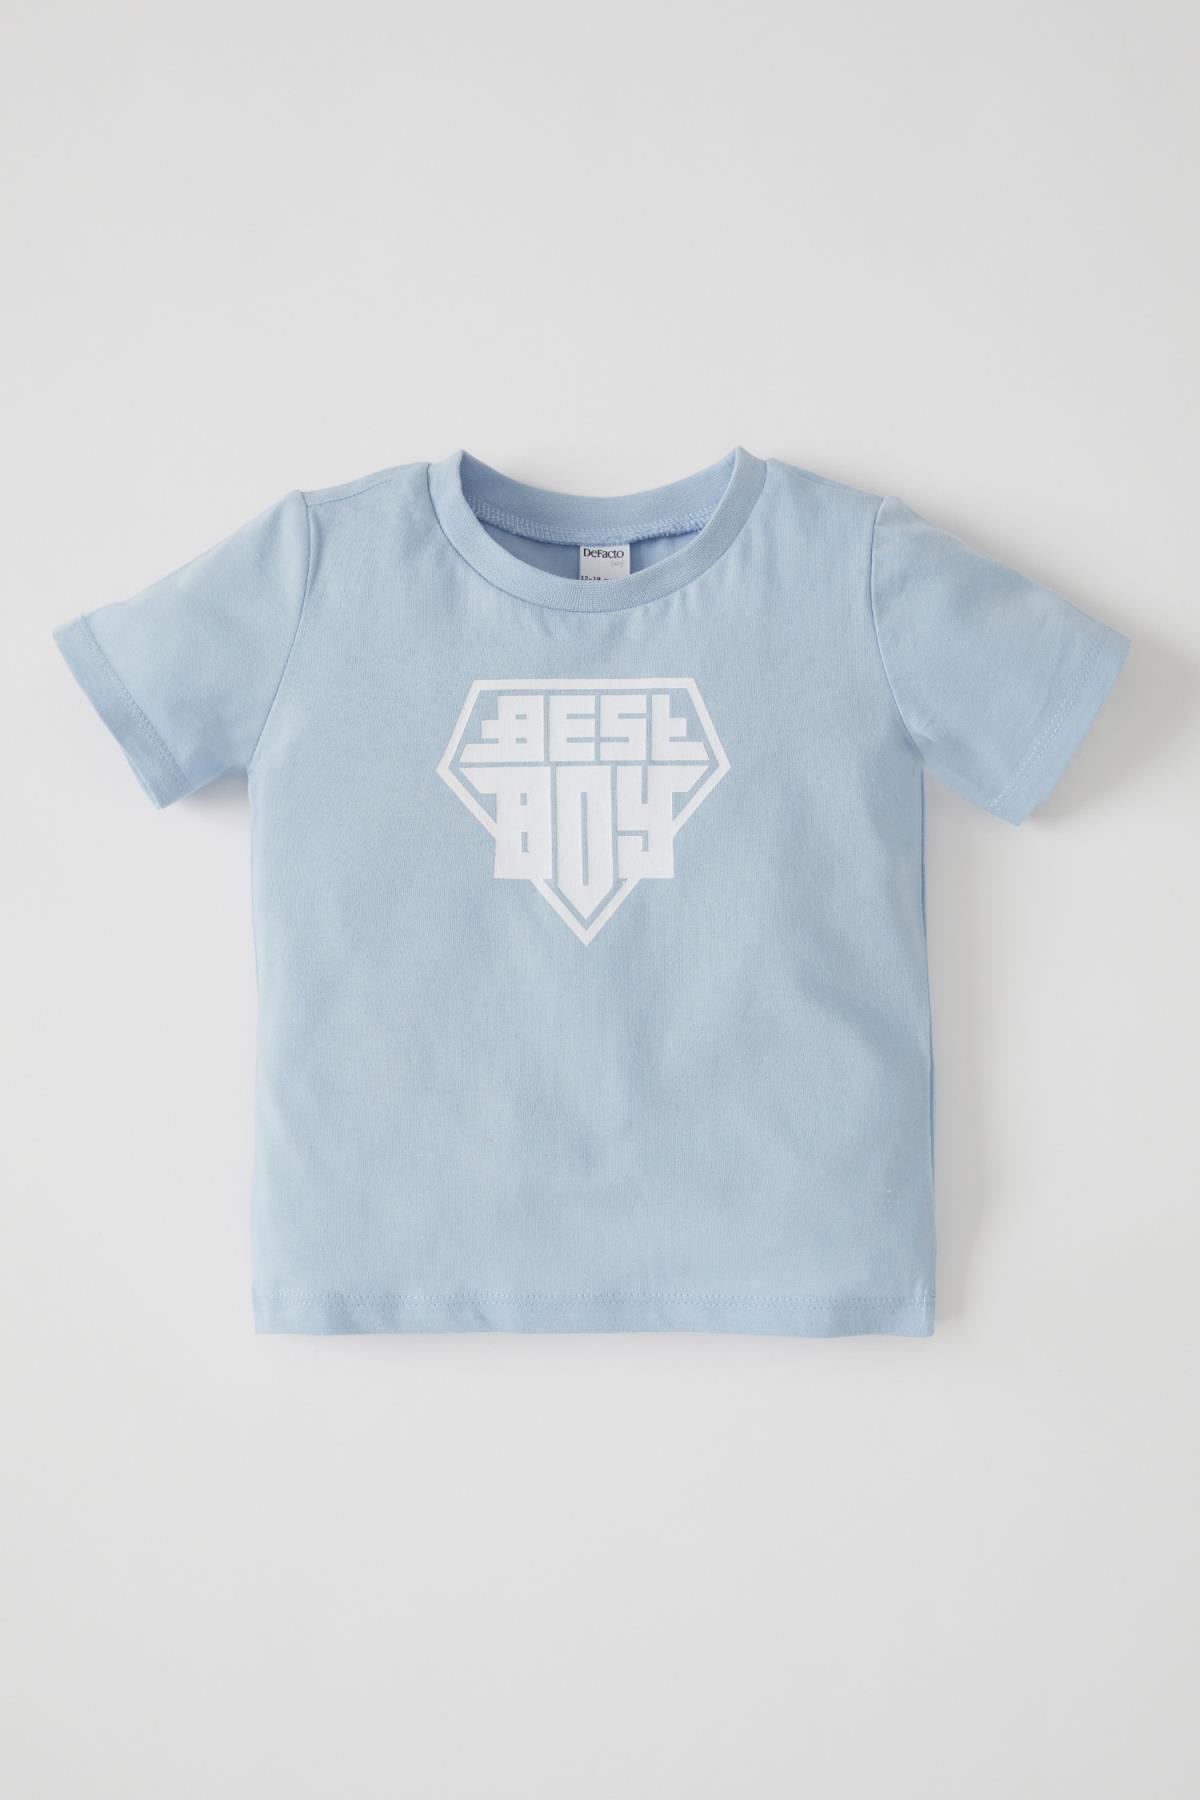 Erkek Bebek Yazı Baskılı Kısa Kol Pamuklu Tişört